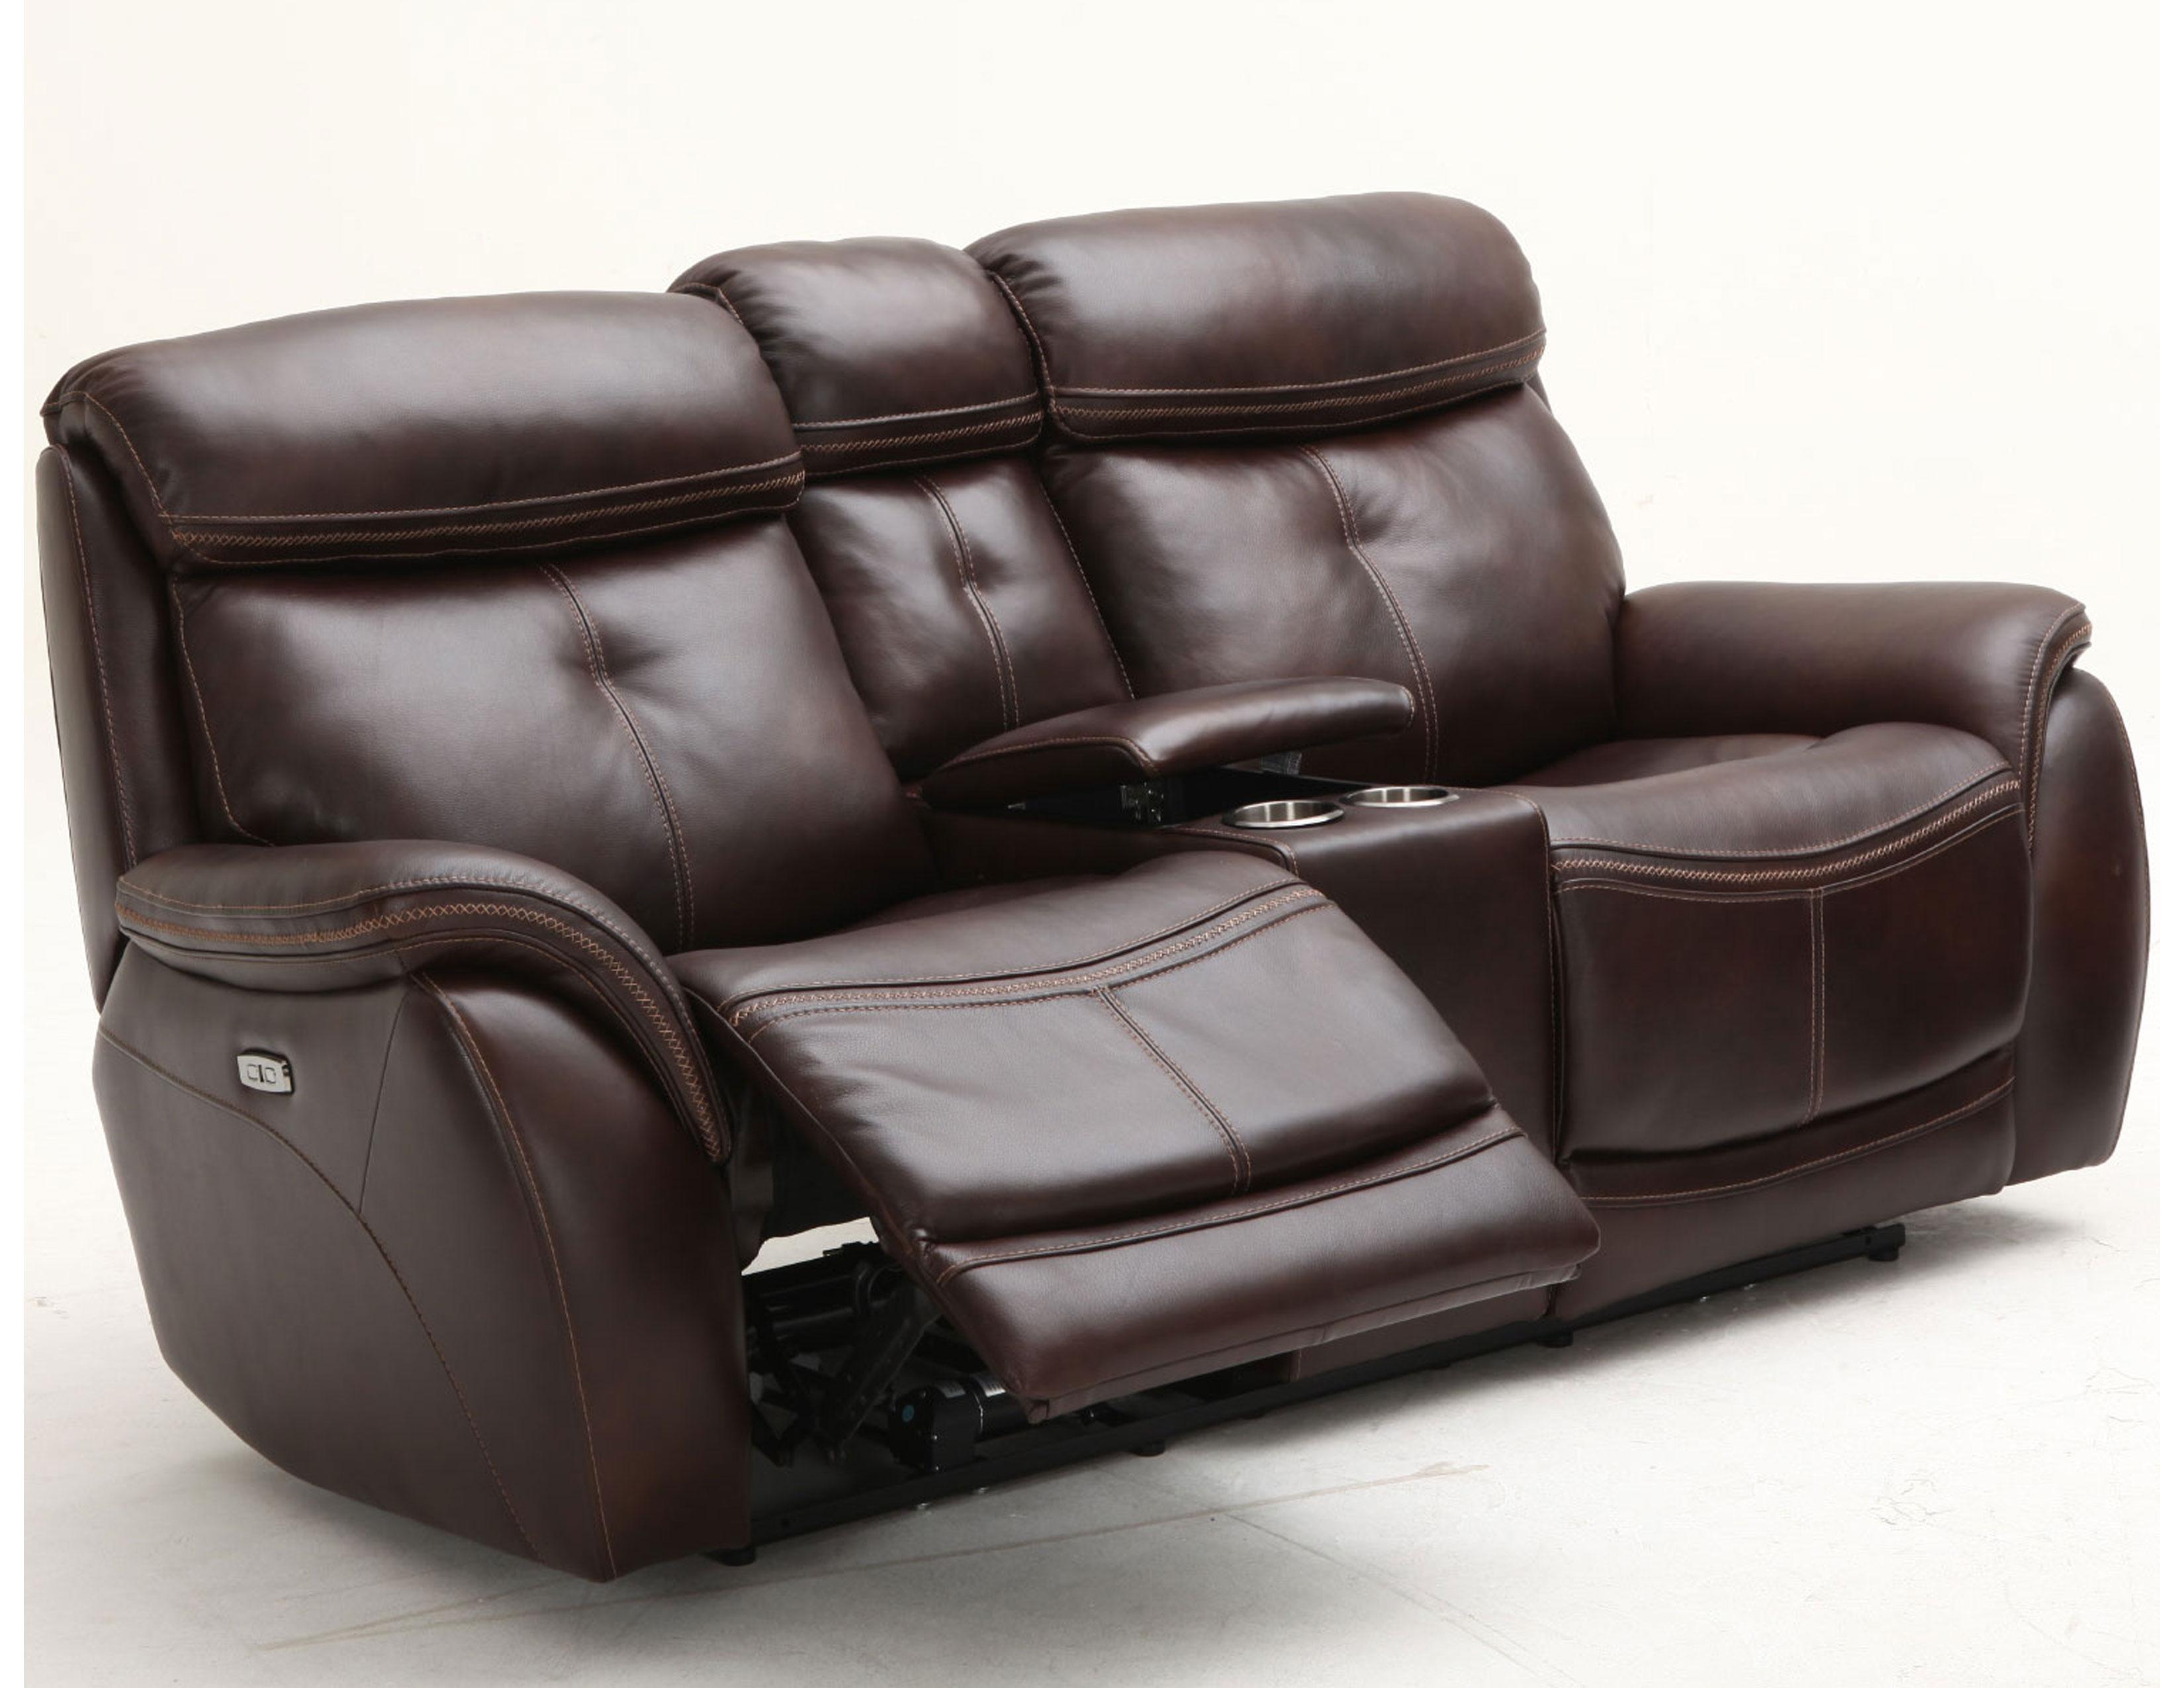 Homerun 485 Recliner Headrest Sofas And Sectionals